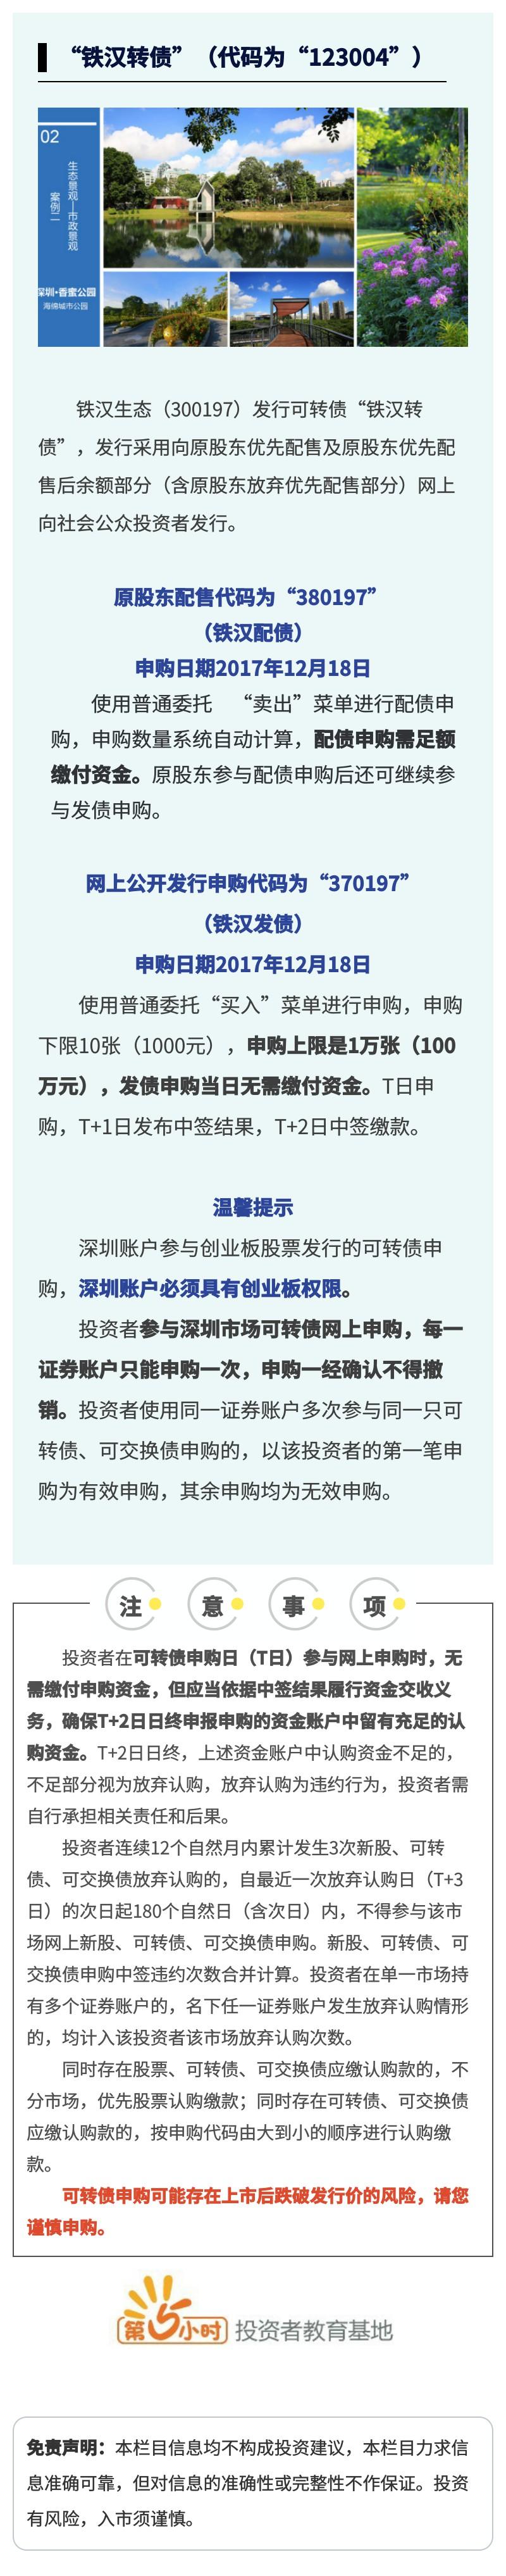 """【打新债】""""铁汉生态""""公开发行可转换公司债.jpg"""